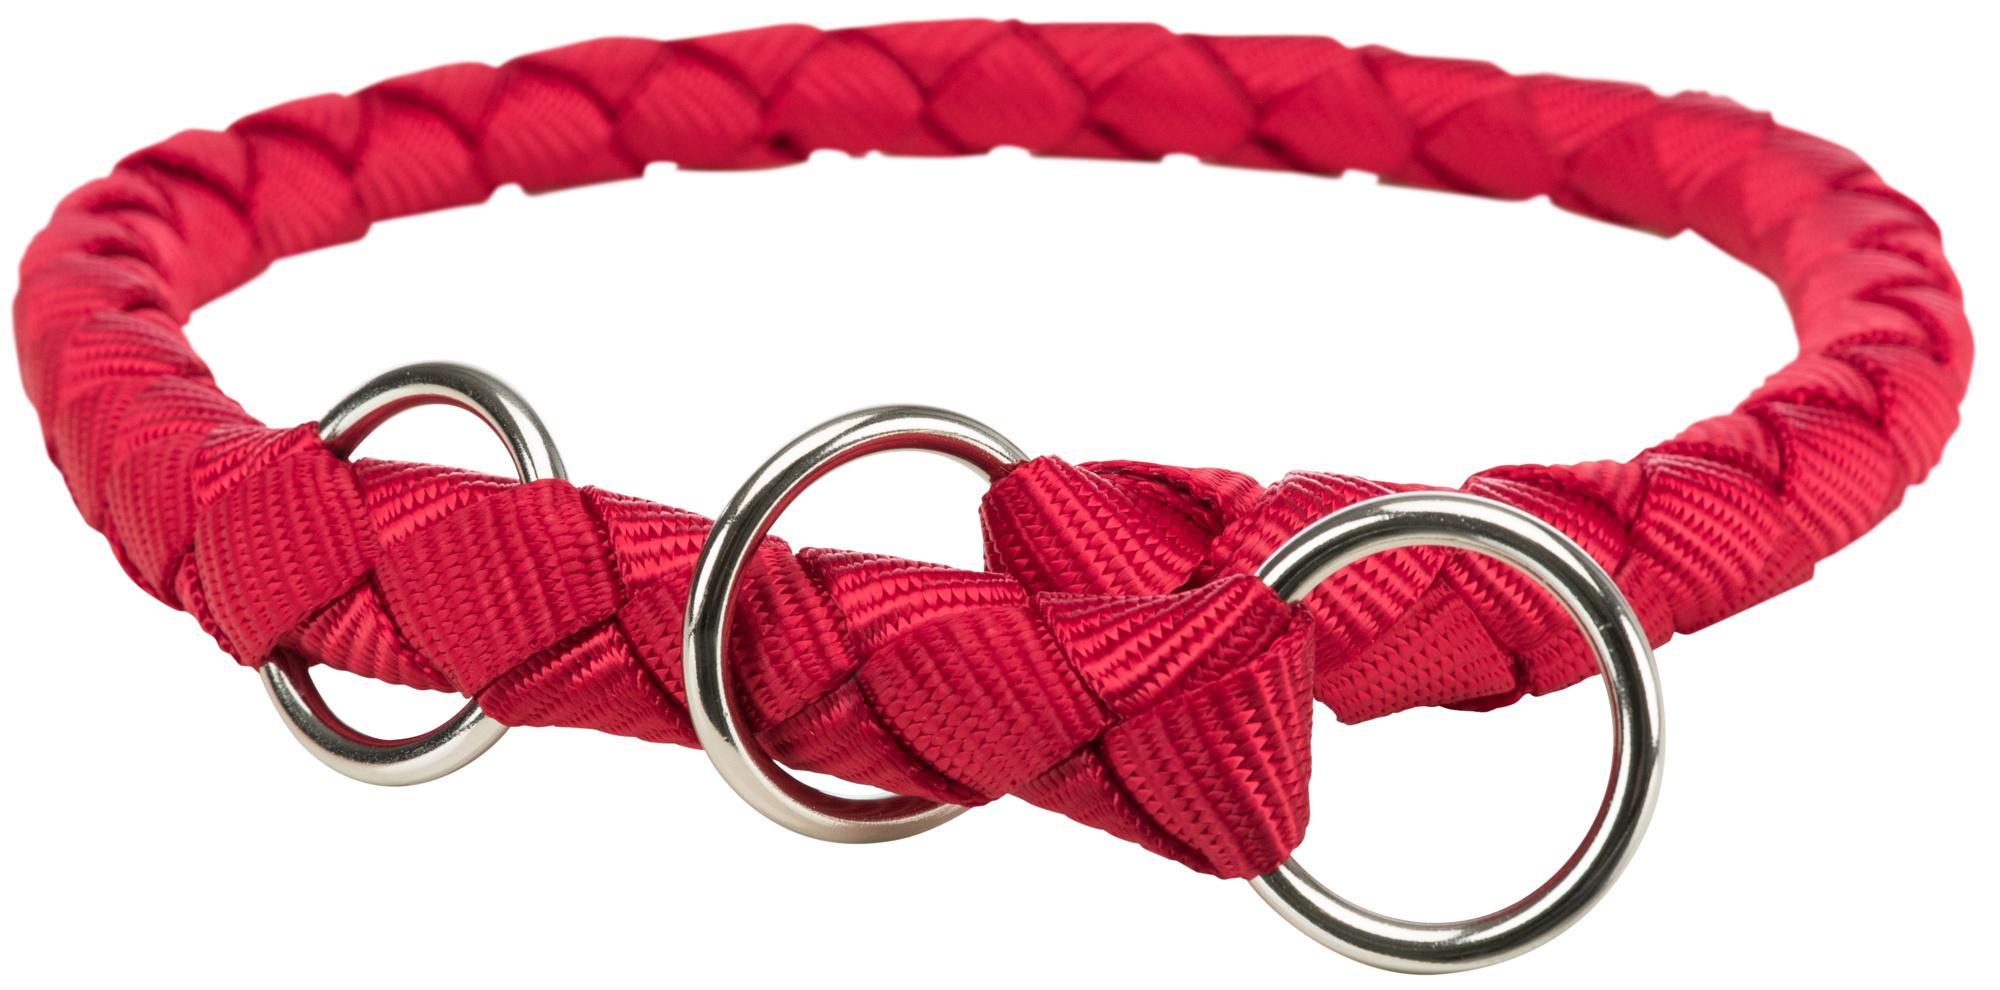 TRIXIE Cavo Zug-Stopp-Halsband TRIXIE Cavo Zug-Stopp-Halsband, L–XL: 52–60 cm/ø 18 mm, rot